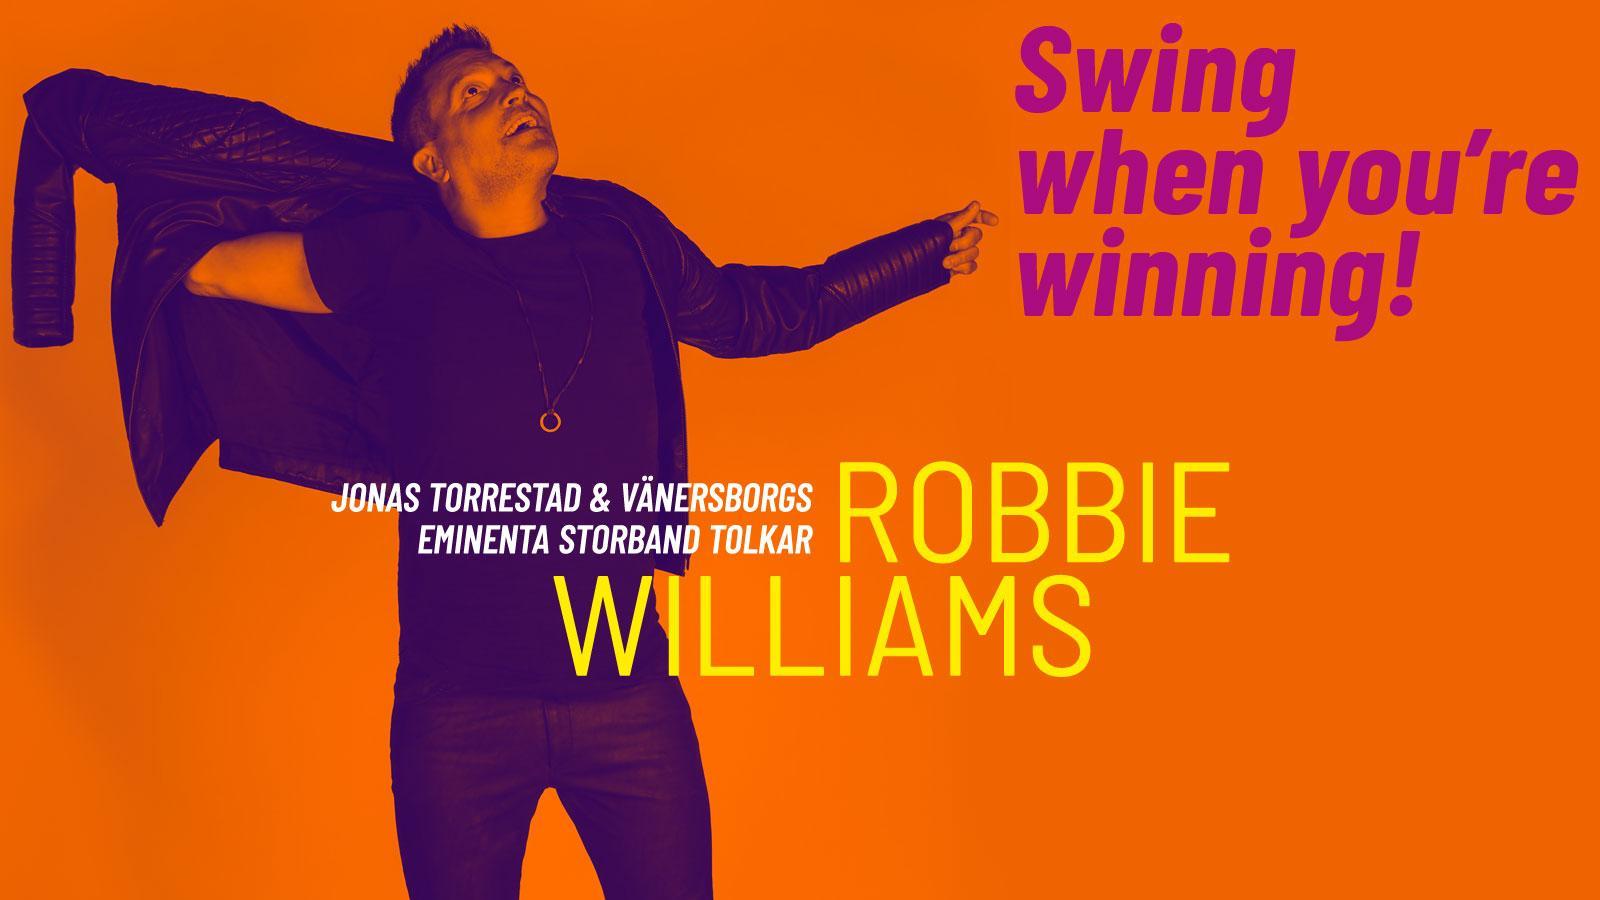 Swing when your winning - Jonas Torrestad & Vänersborgs Eminenta Storband tolkar Robbie Williams